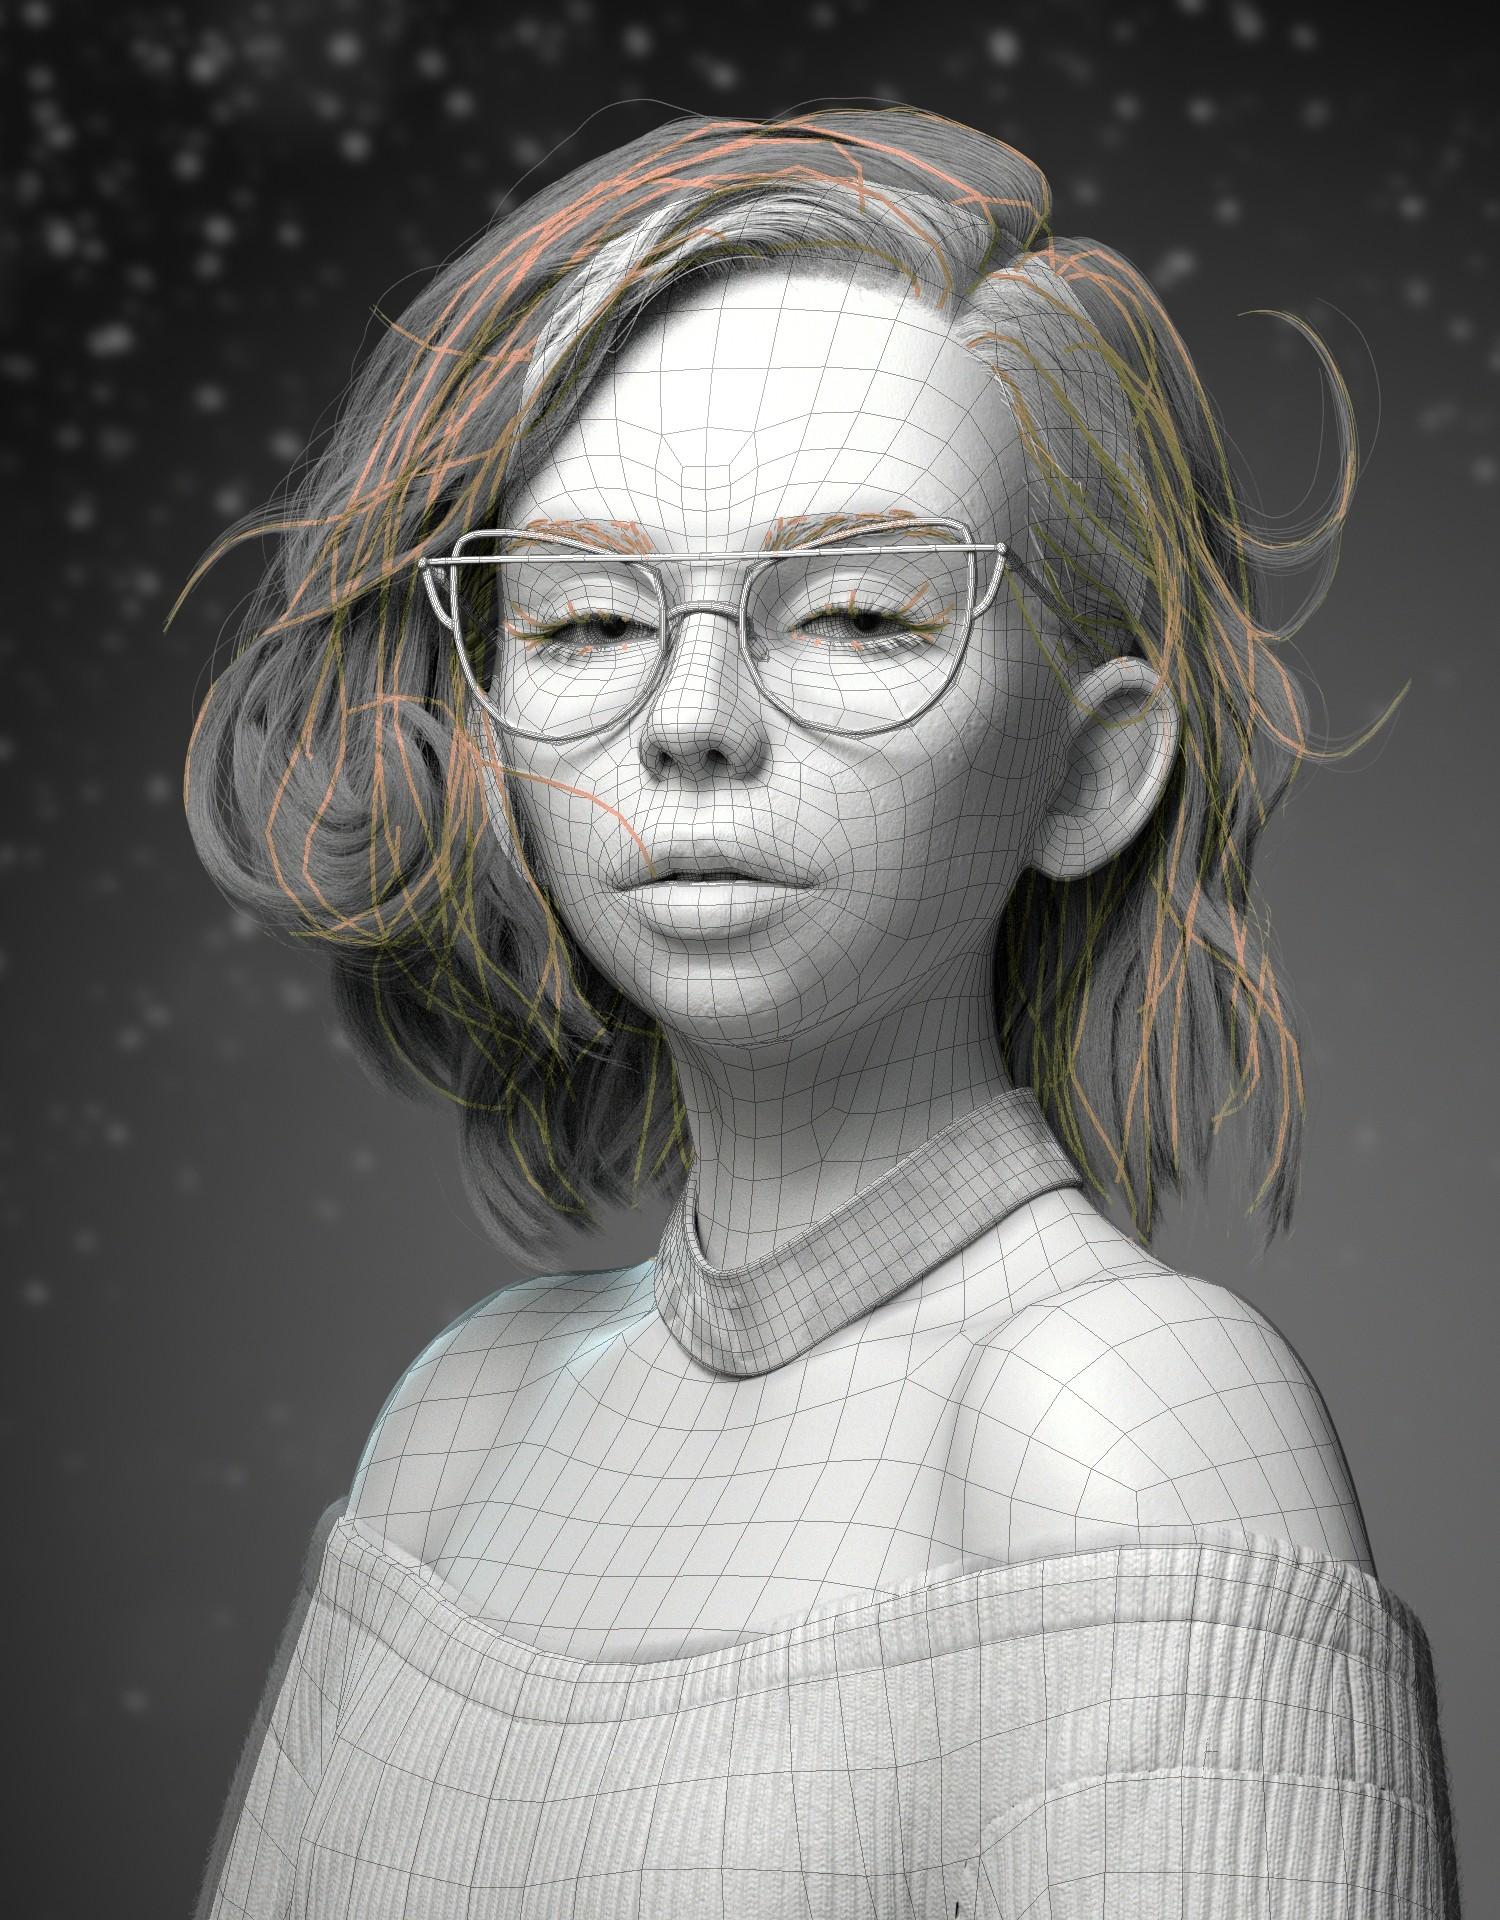 Crystal bretz girlwf v001